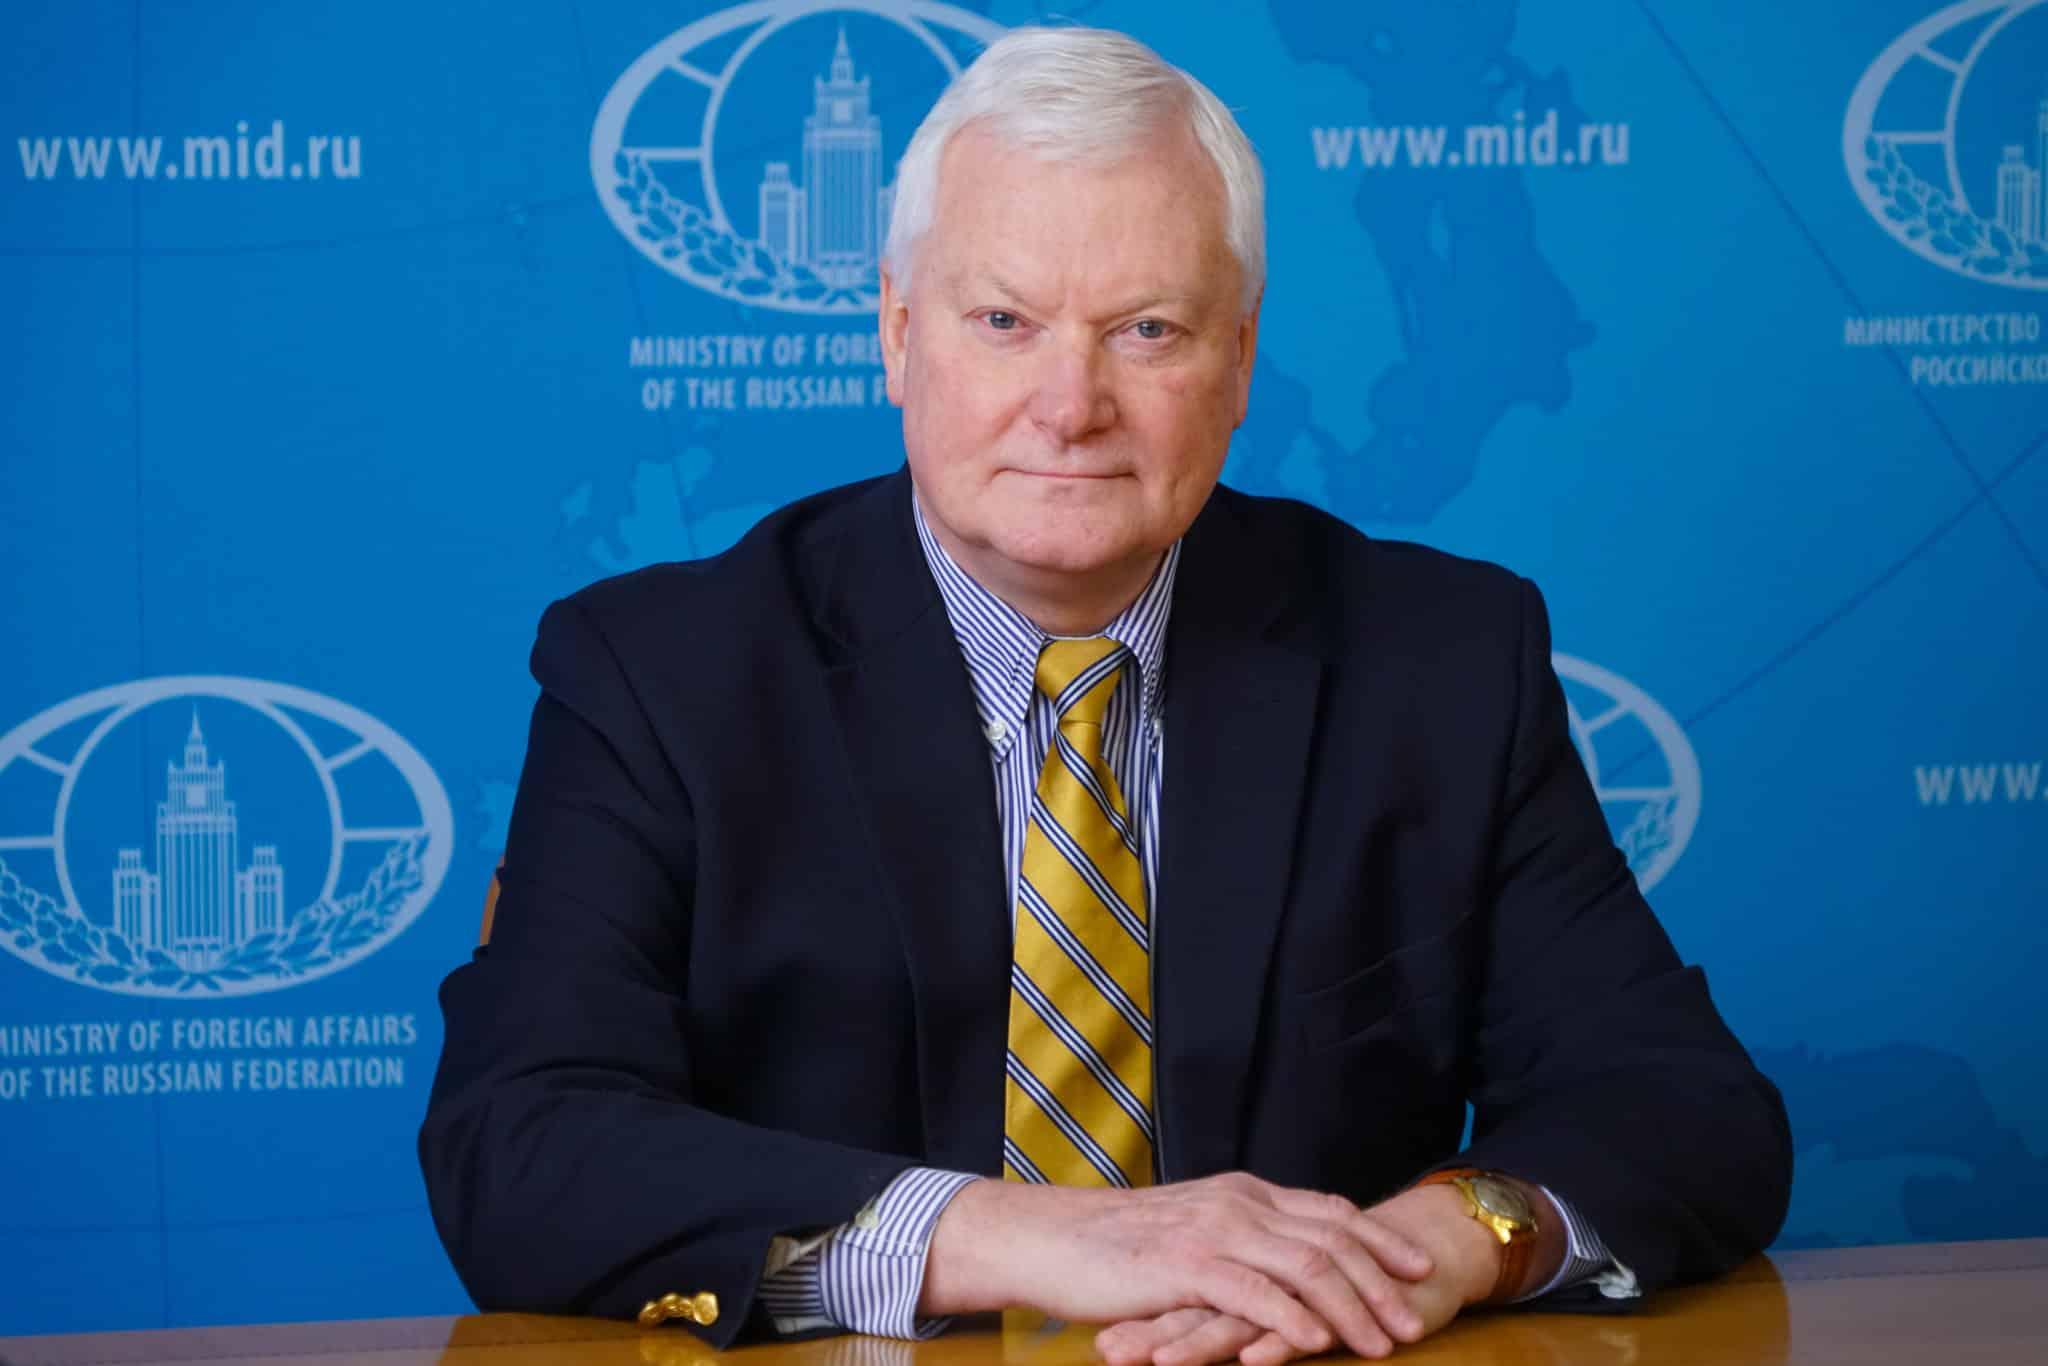 Член Президиума НАМИБ КРУТСКИХ Андрей Владимирович назначен директором Департамента международной информационной безопасности МИД России